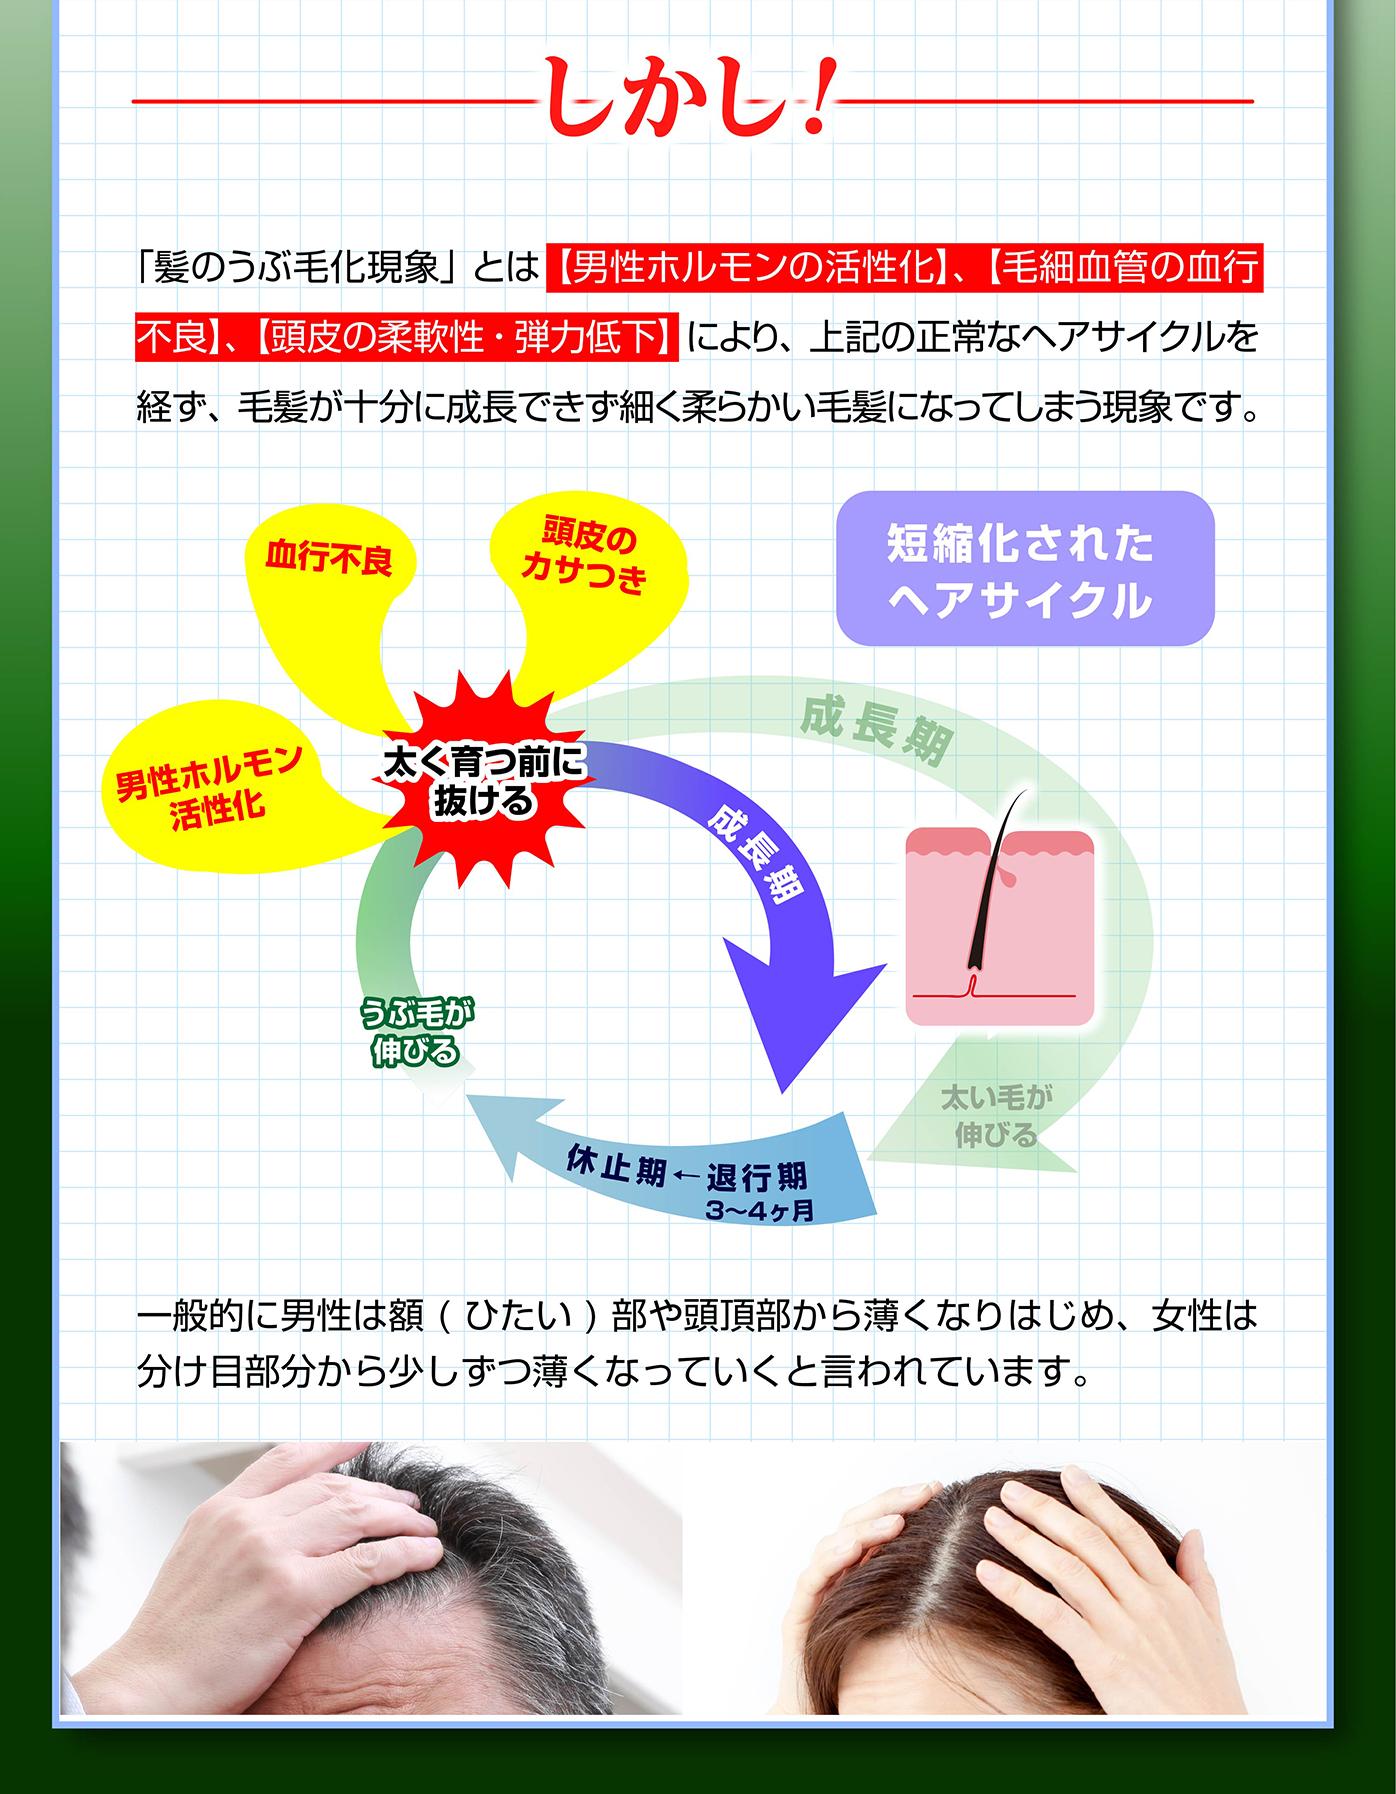 髪のうぶ毛化現象とはヘアサイクルが短縮化される現象